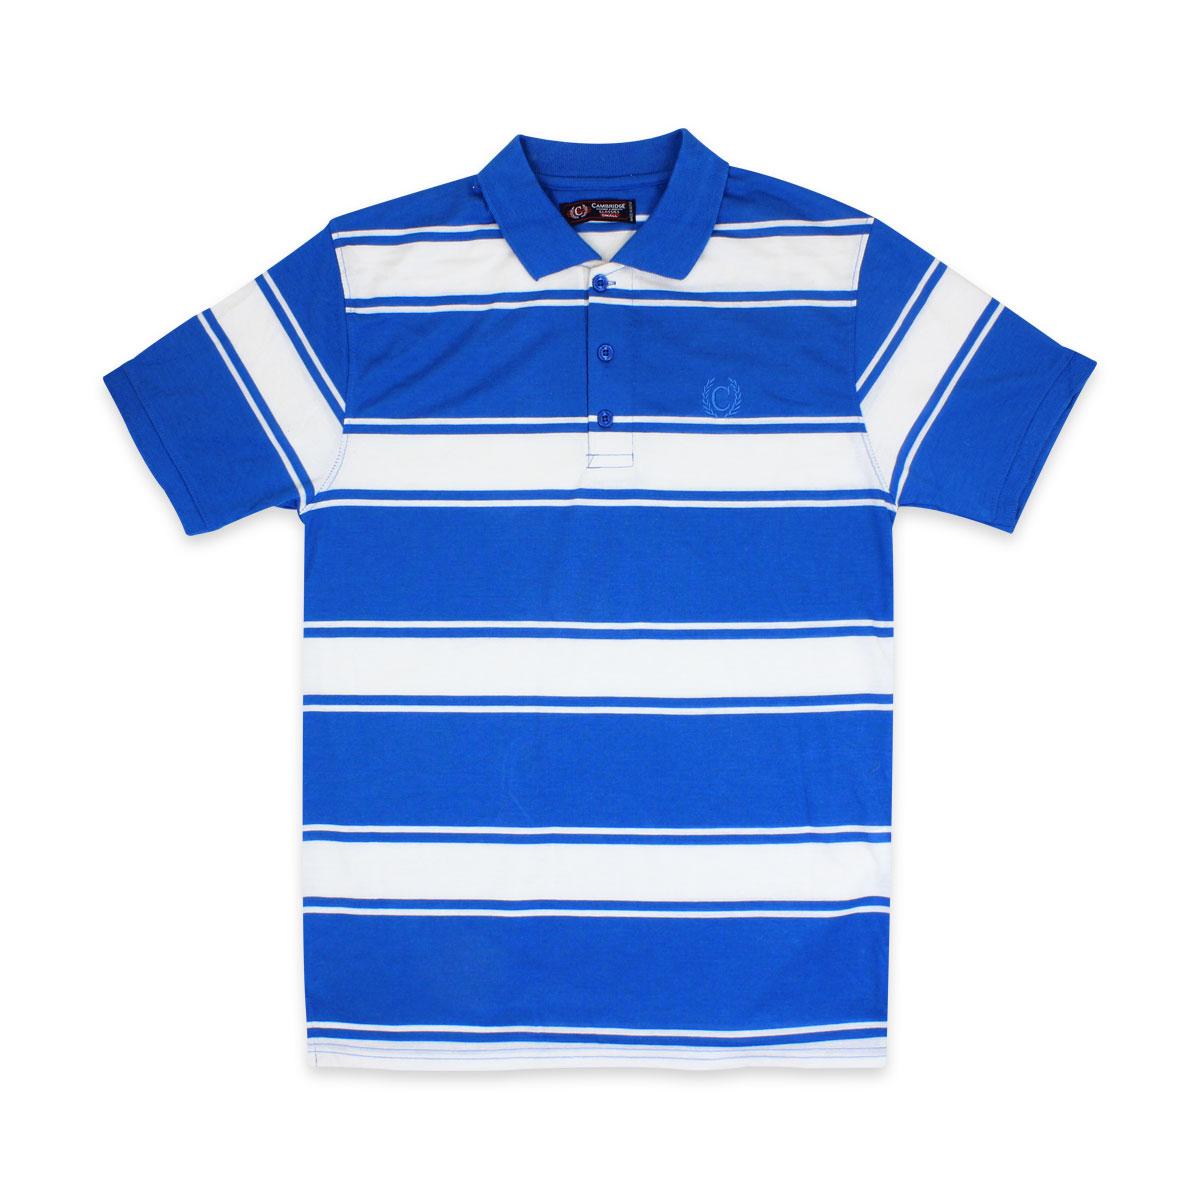 Camisas-Polo-Para-Hombre-A-Rayas-Pique-Con-Cuello-camiseta-Camiseta-Manga-Corta-De-Verano-S-M-L-XL miniatura 17